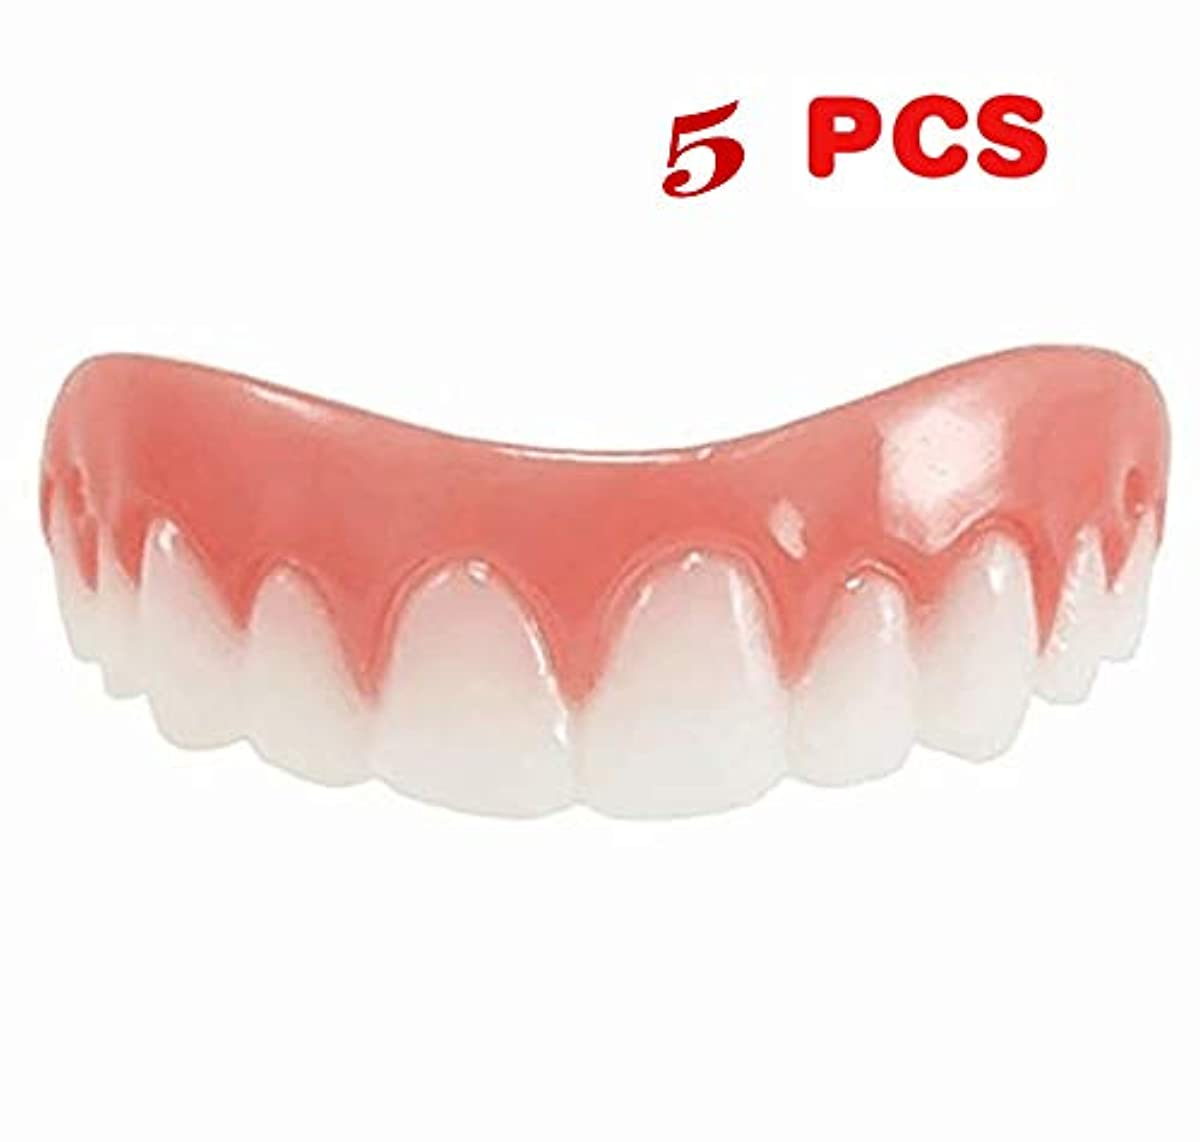 会計士ヒギンズ全員5ピース新しい再利用可能な大人のスナップオンパーフェクトスマイルホワイトニング義歯フィットフレックス化粧品歯快適な突き板カバーデンタルケアアクセサリー